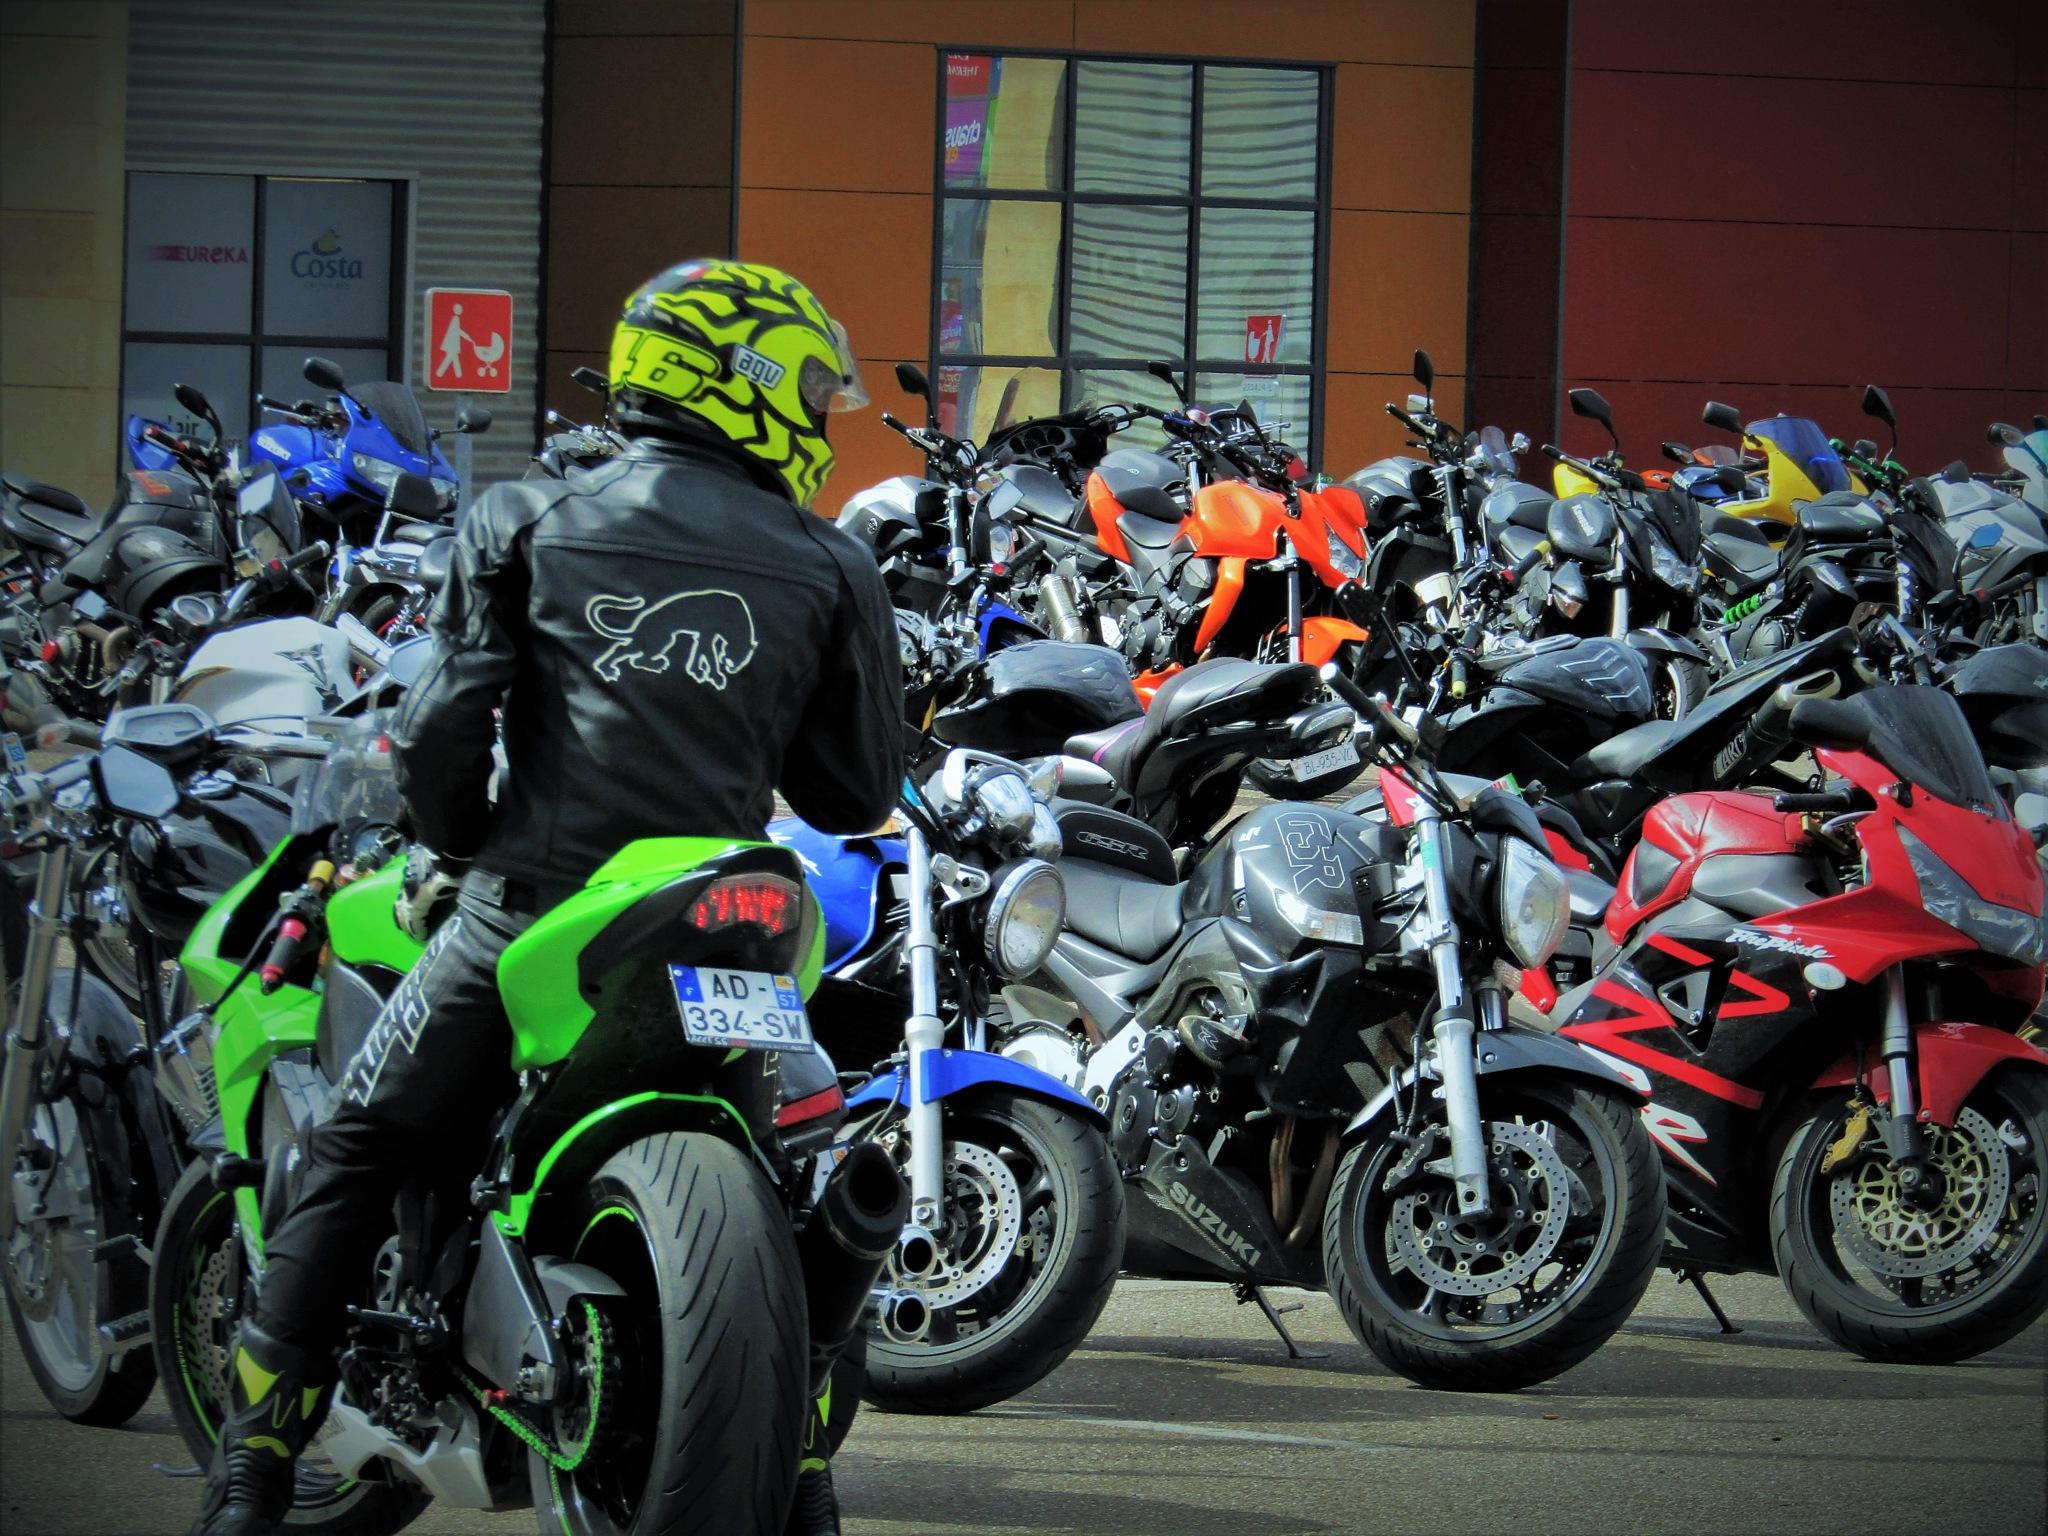 Motos by catherinevigili